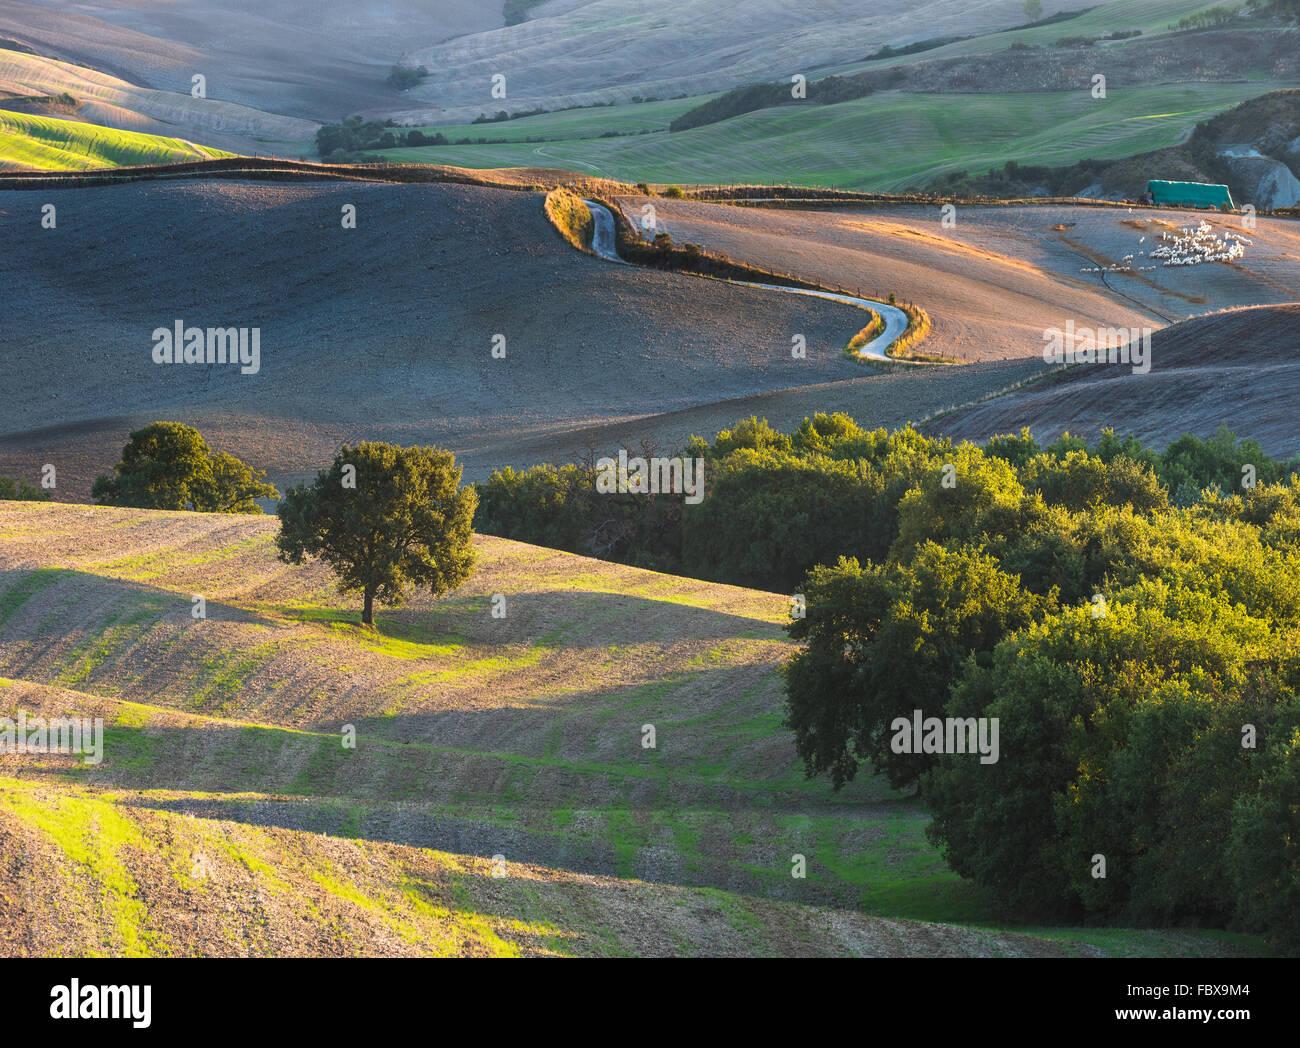 Le paysage toscan, parc national du Val d'Orcia, un site du patrimoine mondial de l'UNESCO Photo Stock